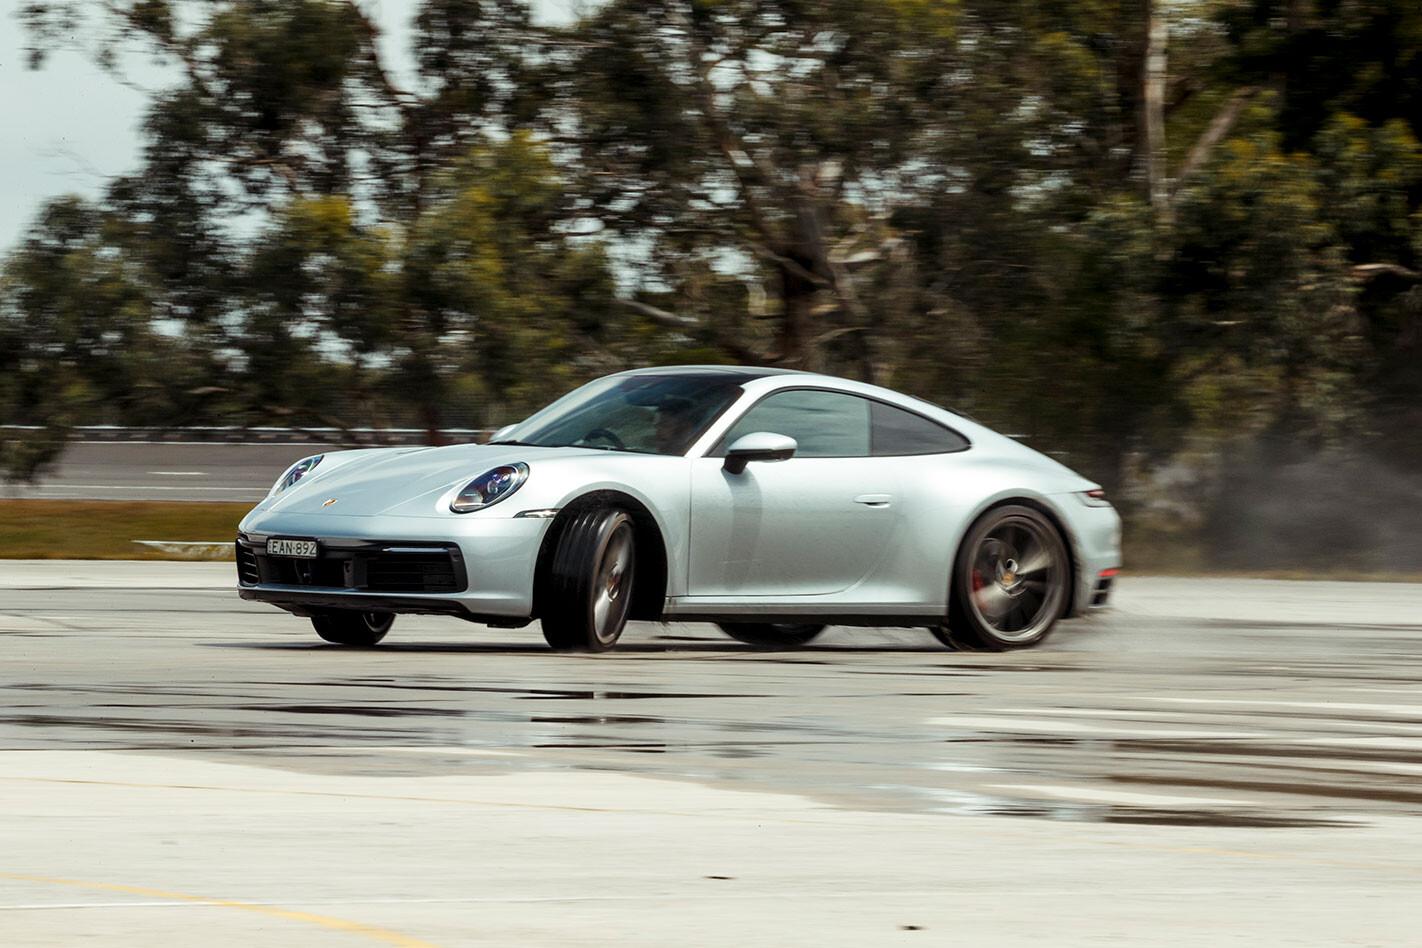 Porsche 992 911 - 2020 COTY Contender